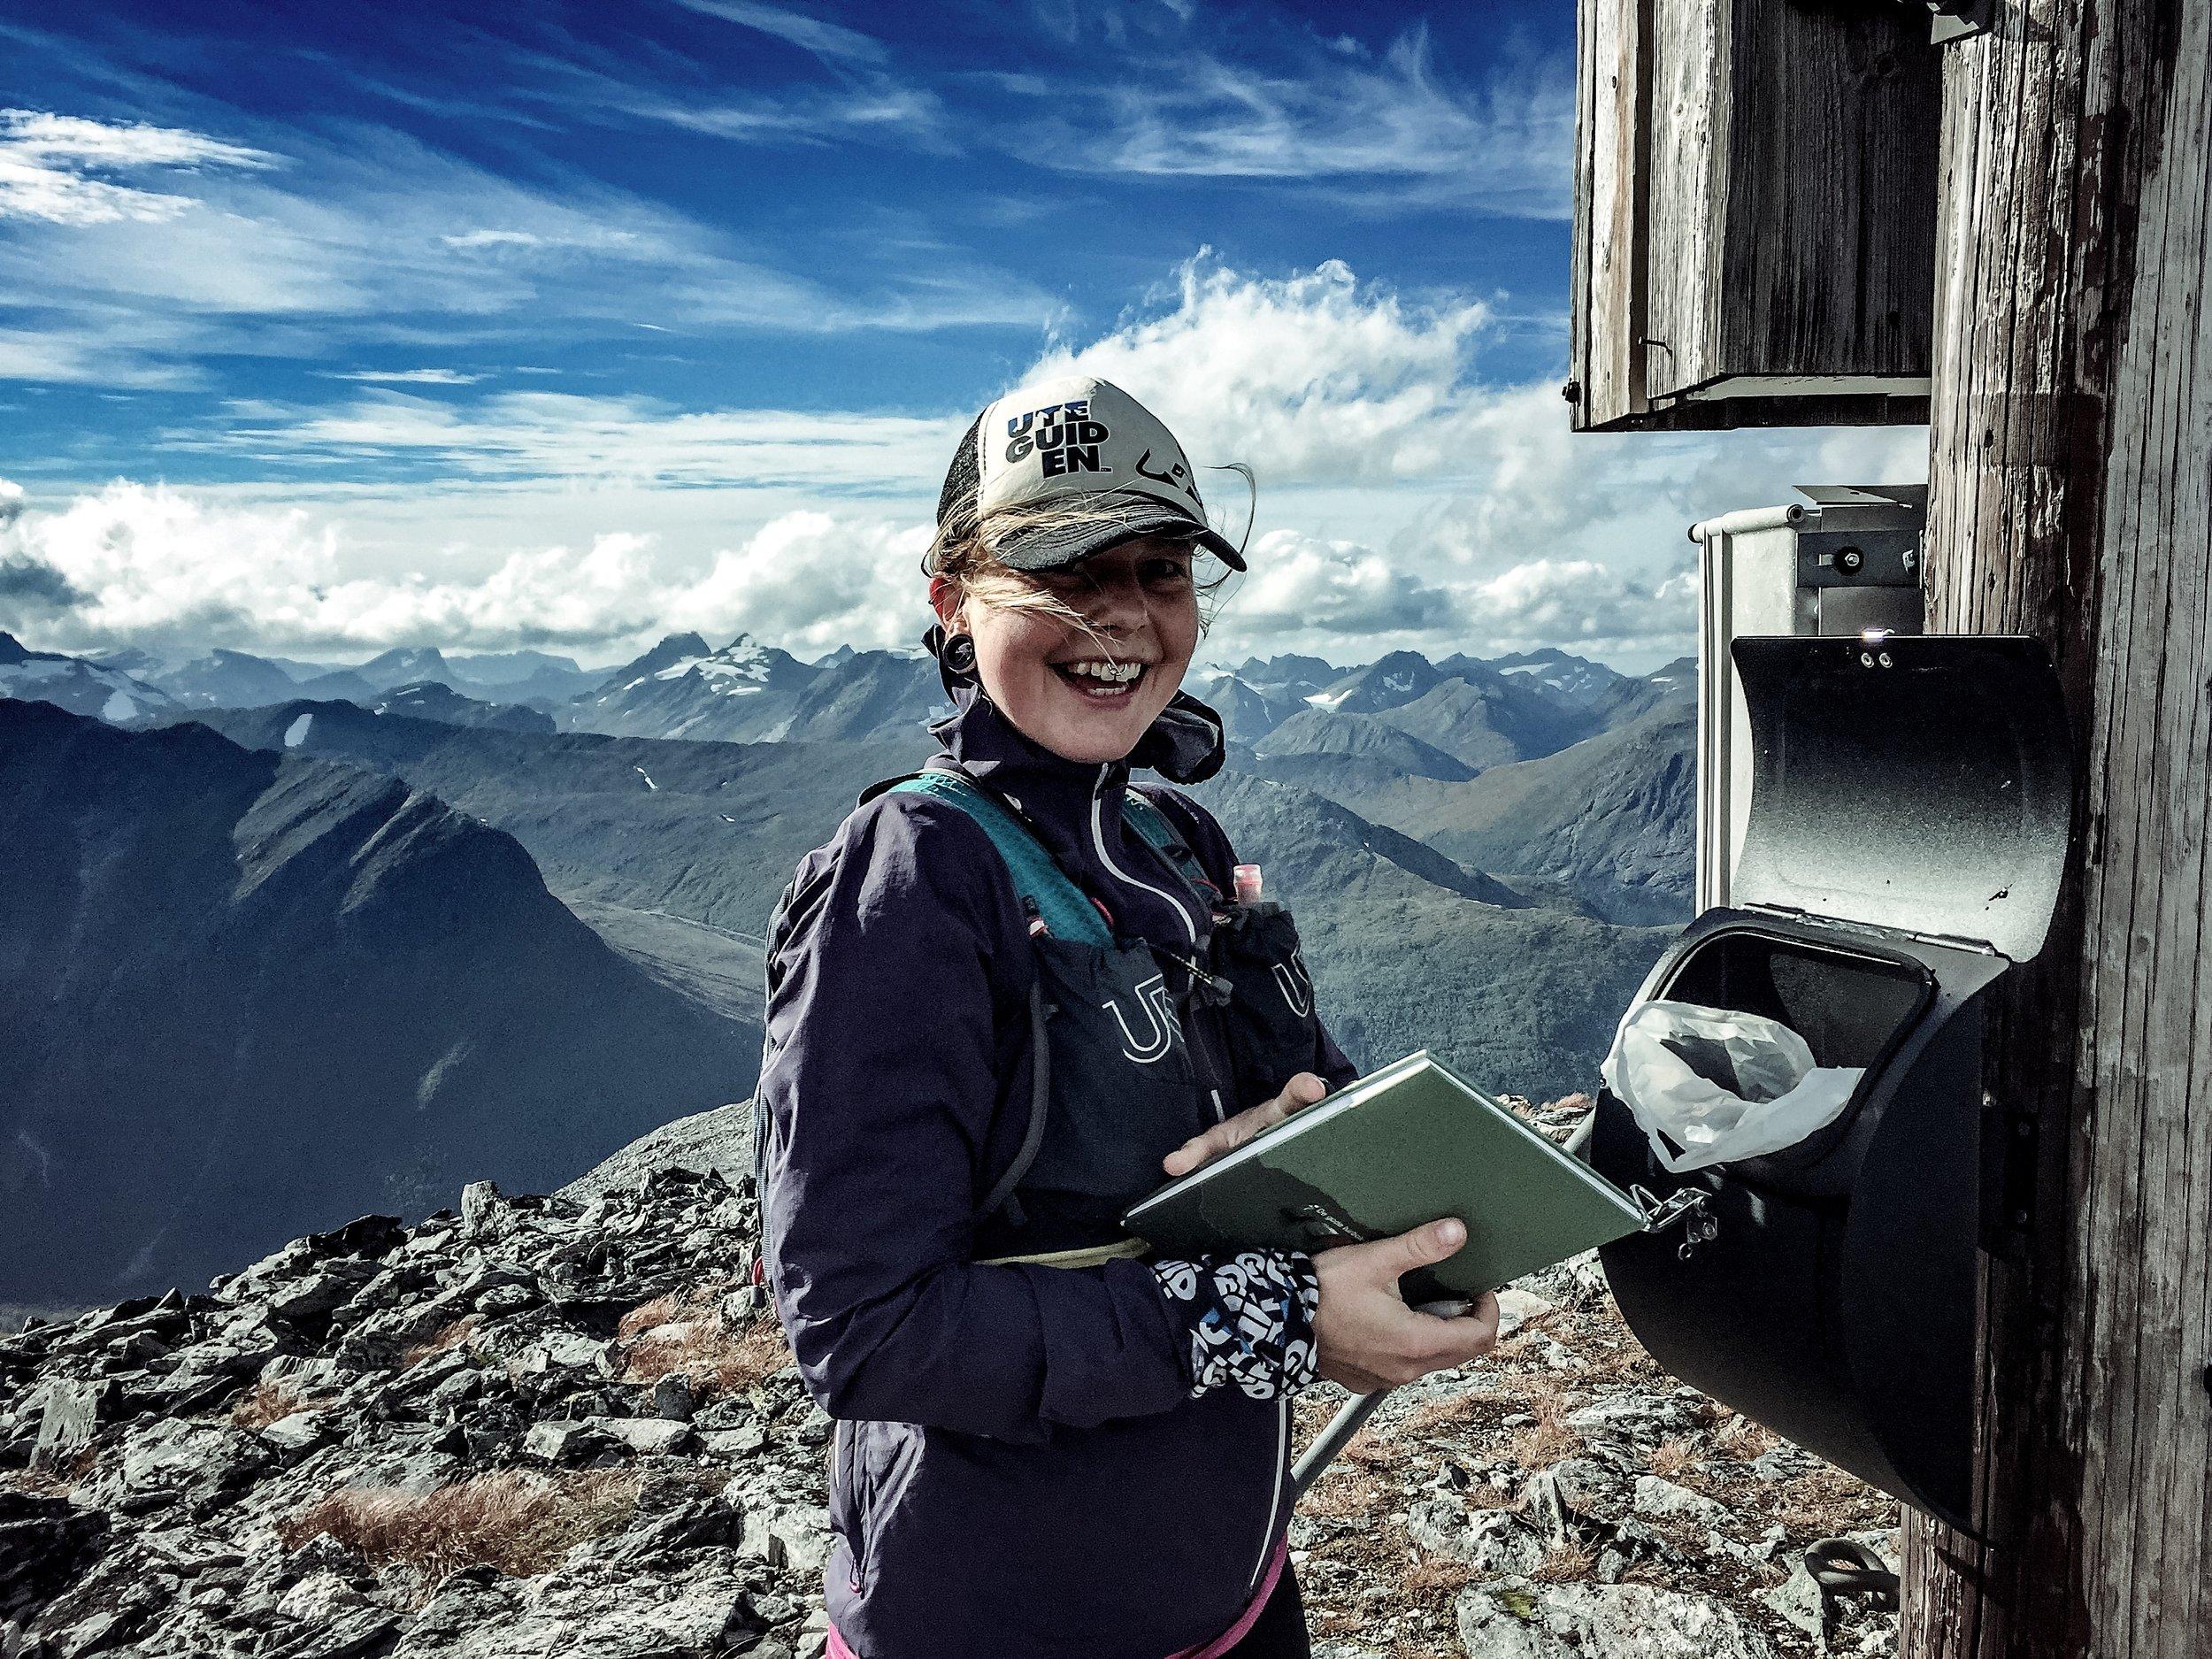 På toppen får man skriva i boken! Samantha hade varit här 5 gånger — imponerande!